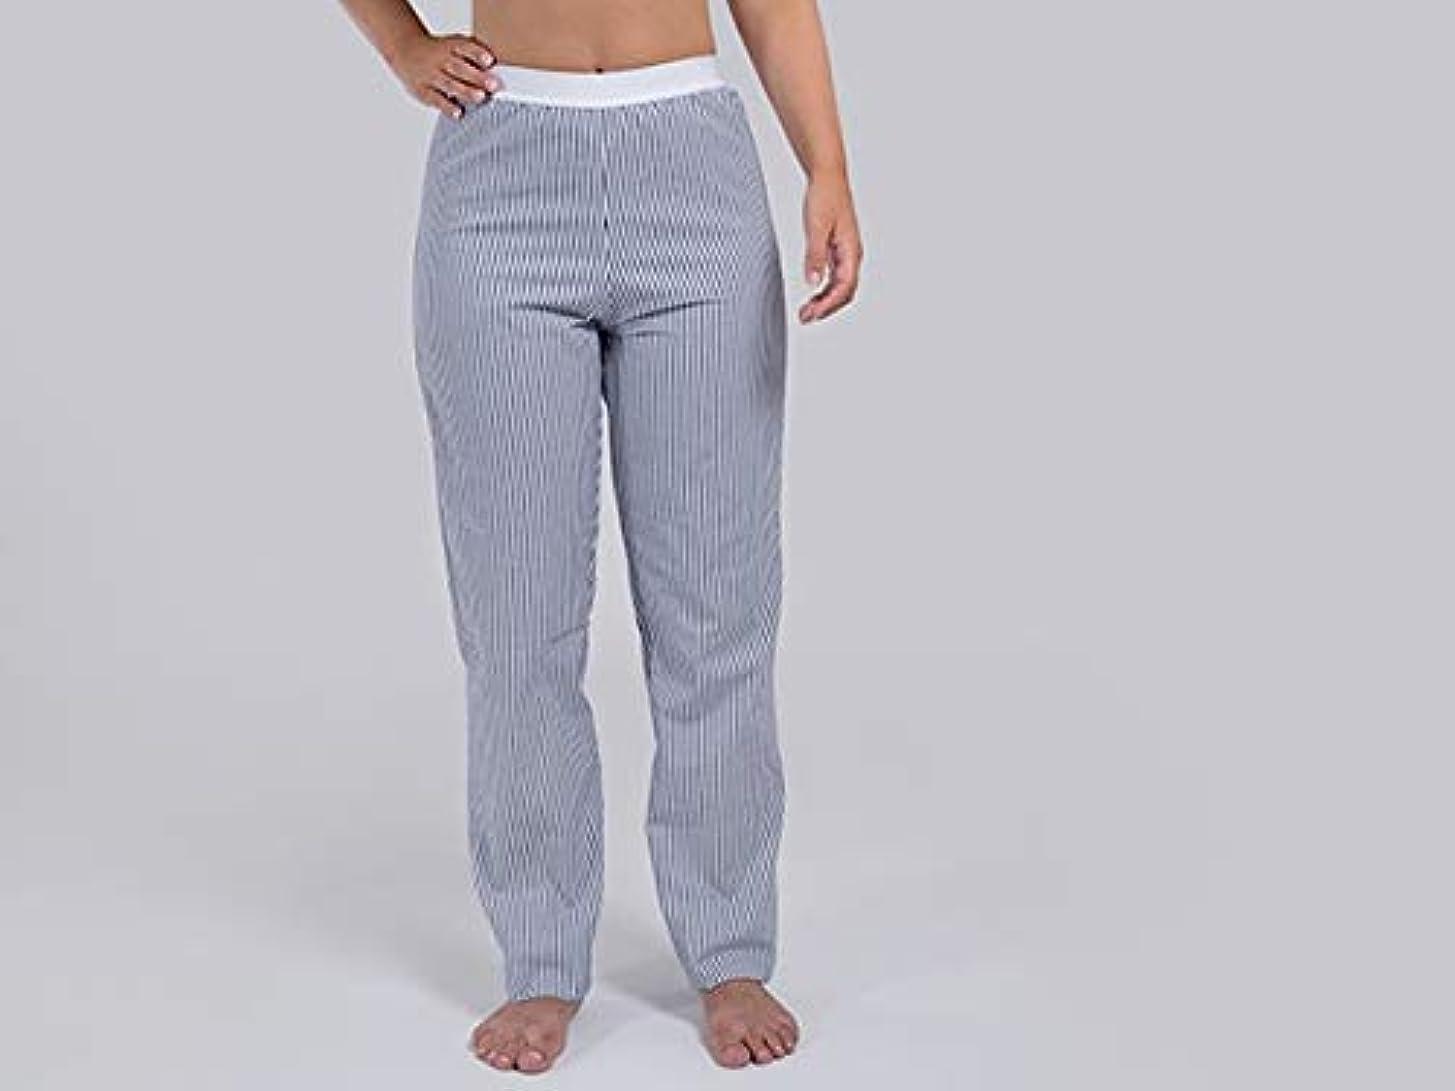 貼り直す減らす破壊的おなら消臭パジャマ エチケットパジャマ イギリス製シュレディーズ